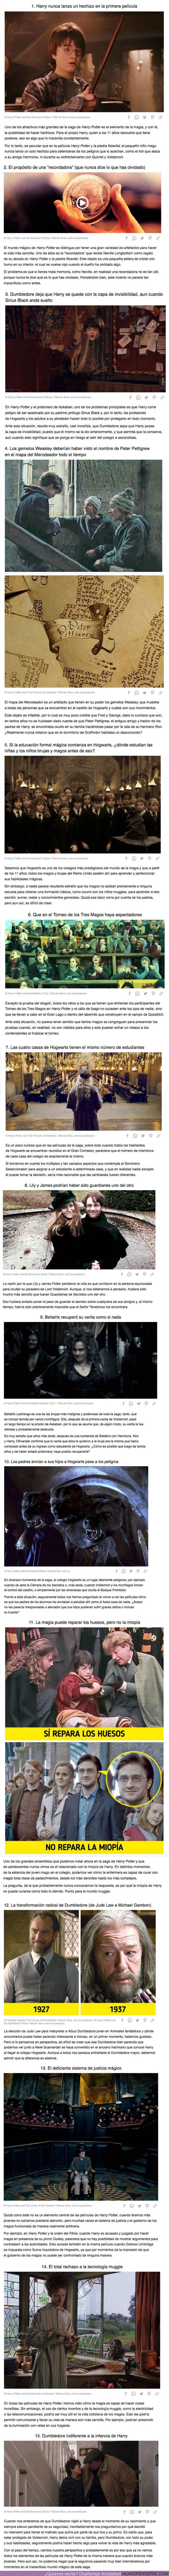 """70214 - GALERÍA: 15 Cosas sobre """"Harry Potter"""" que ahora vemos con ojos de adultos y resulta que no tienen sentido"""